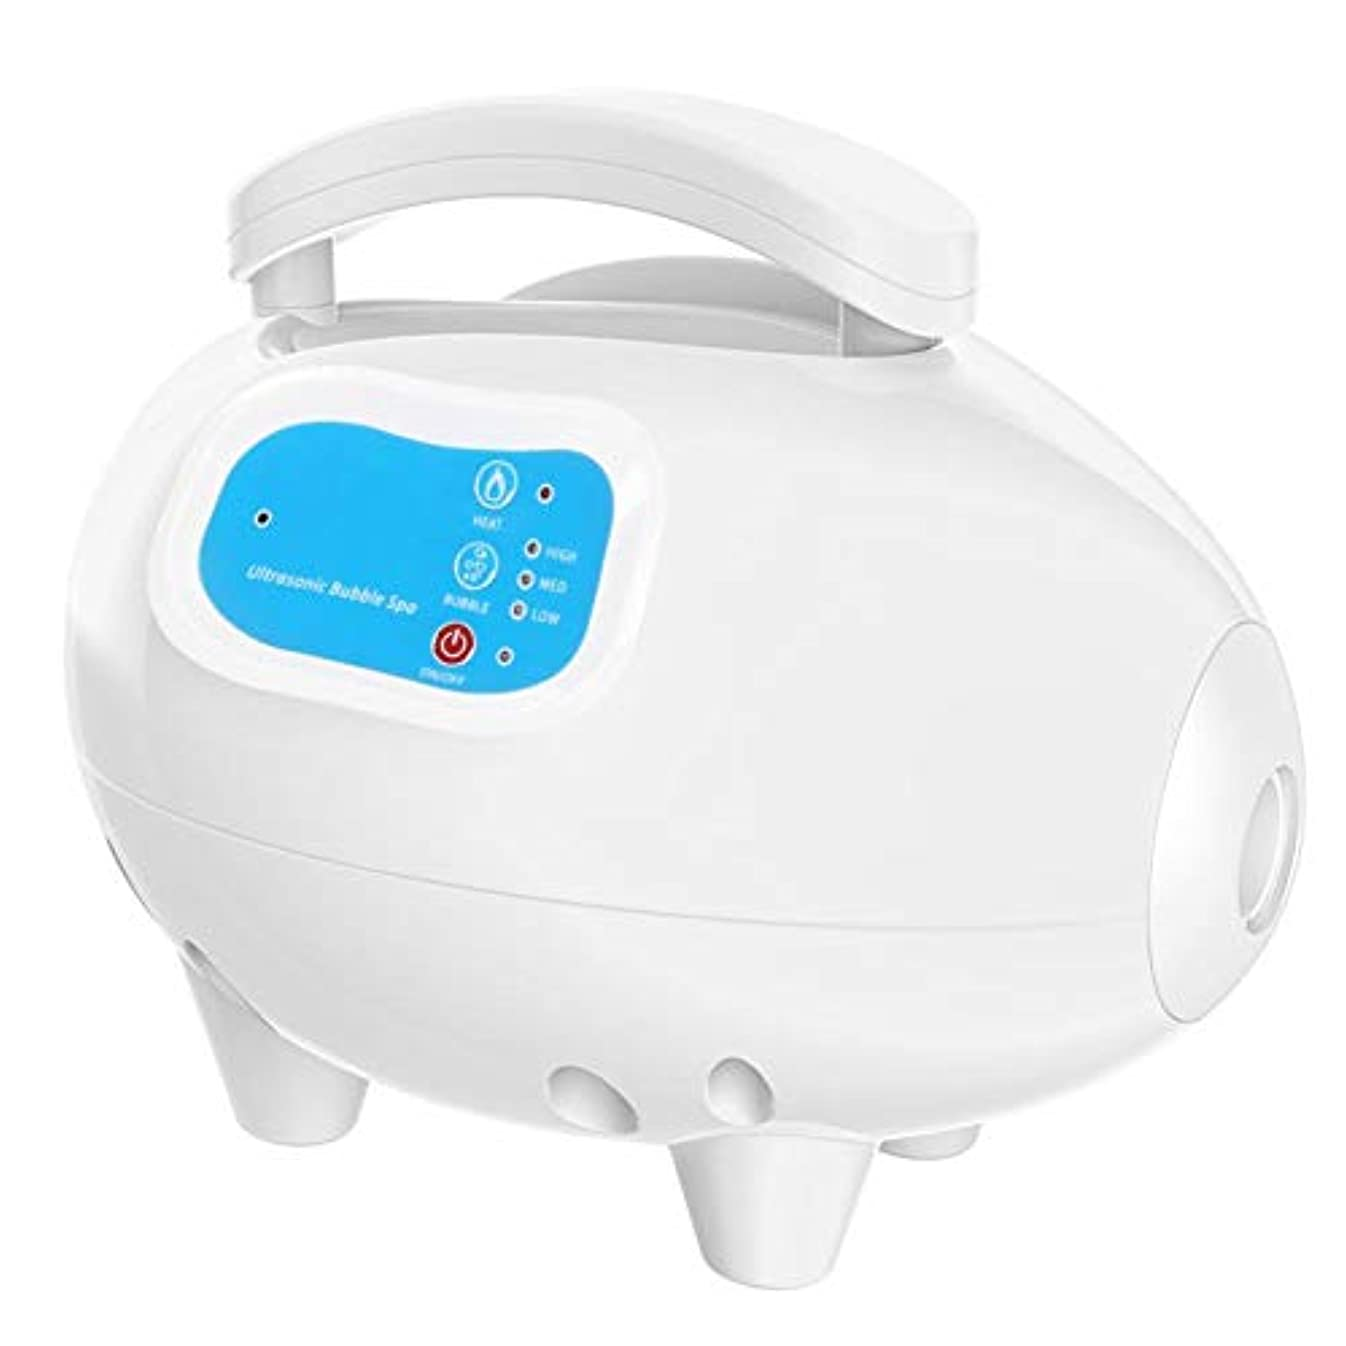 二層幻想地平線スパ泡風呂浴槽機防水エアー泡風呂浴槽殺菌ボディスパマッサージマット付きエアホース(110?220V)